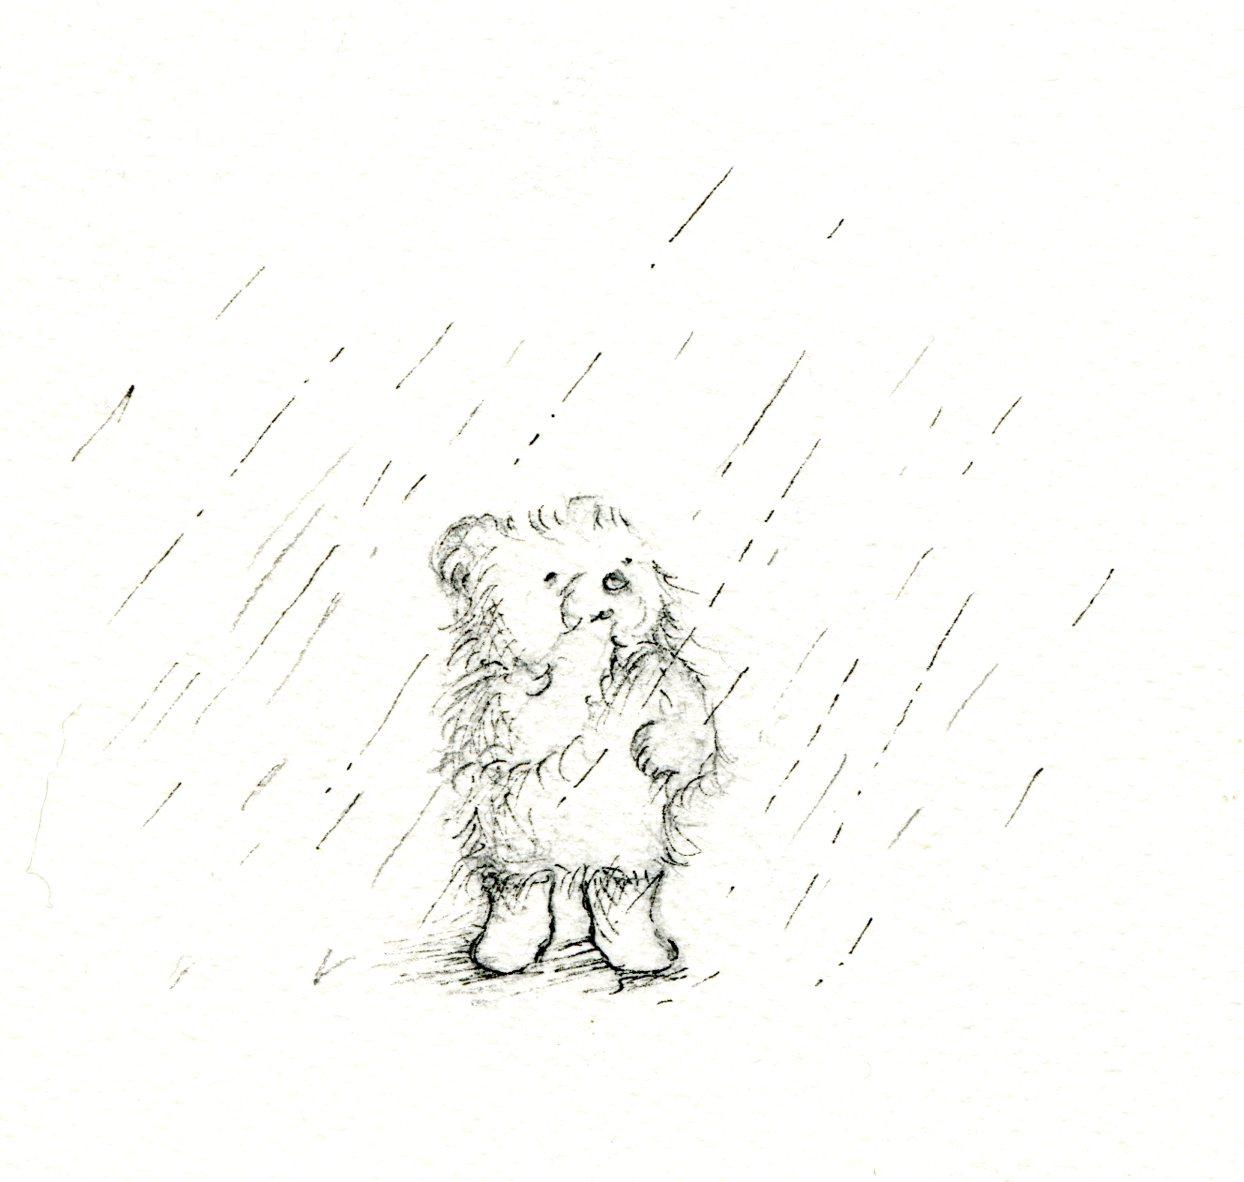 Teddy bear in the rain